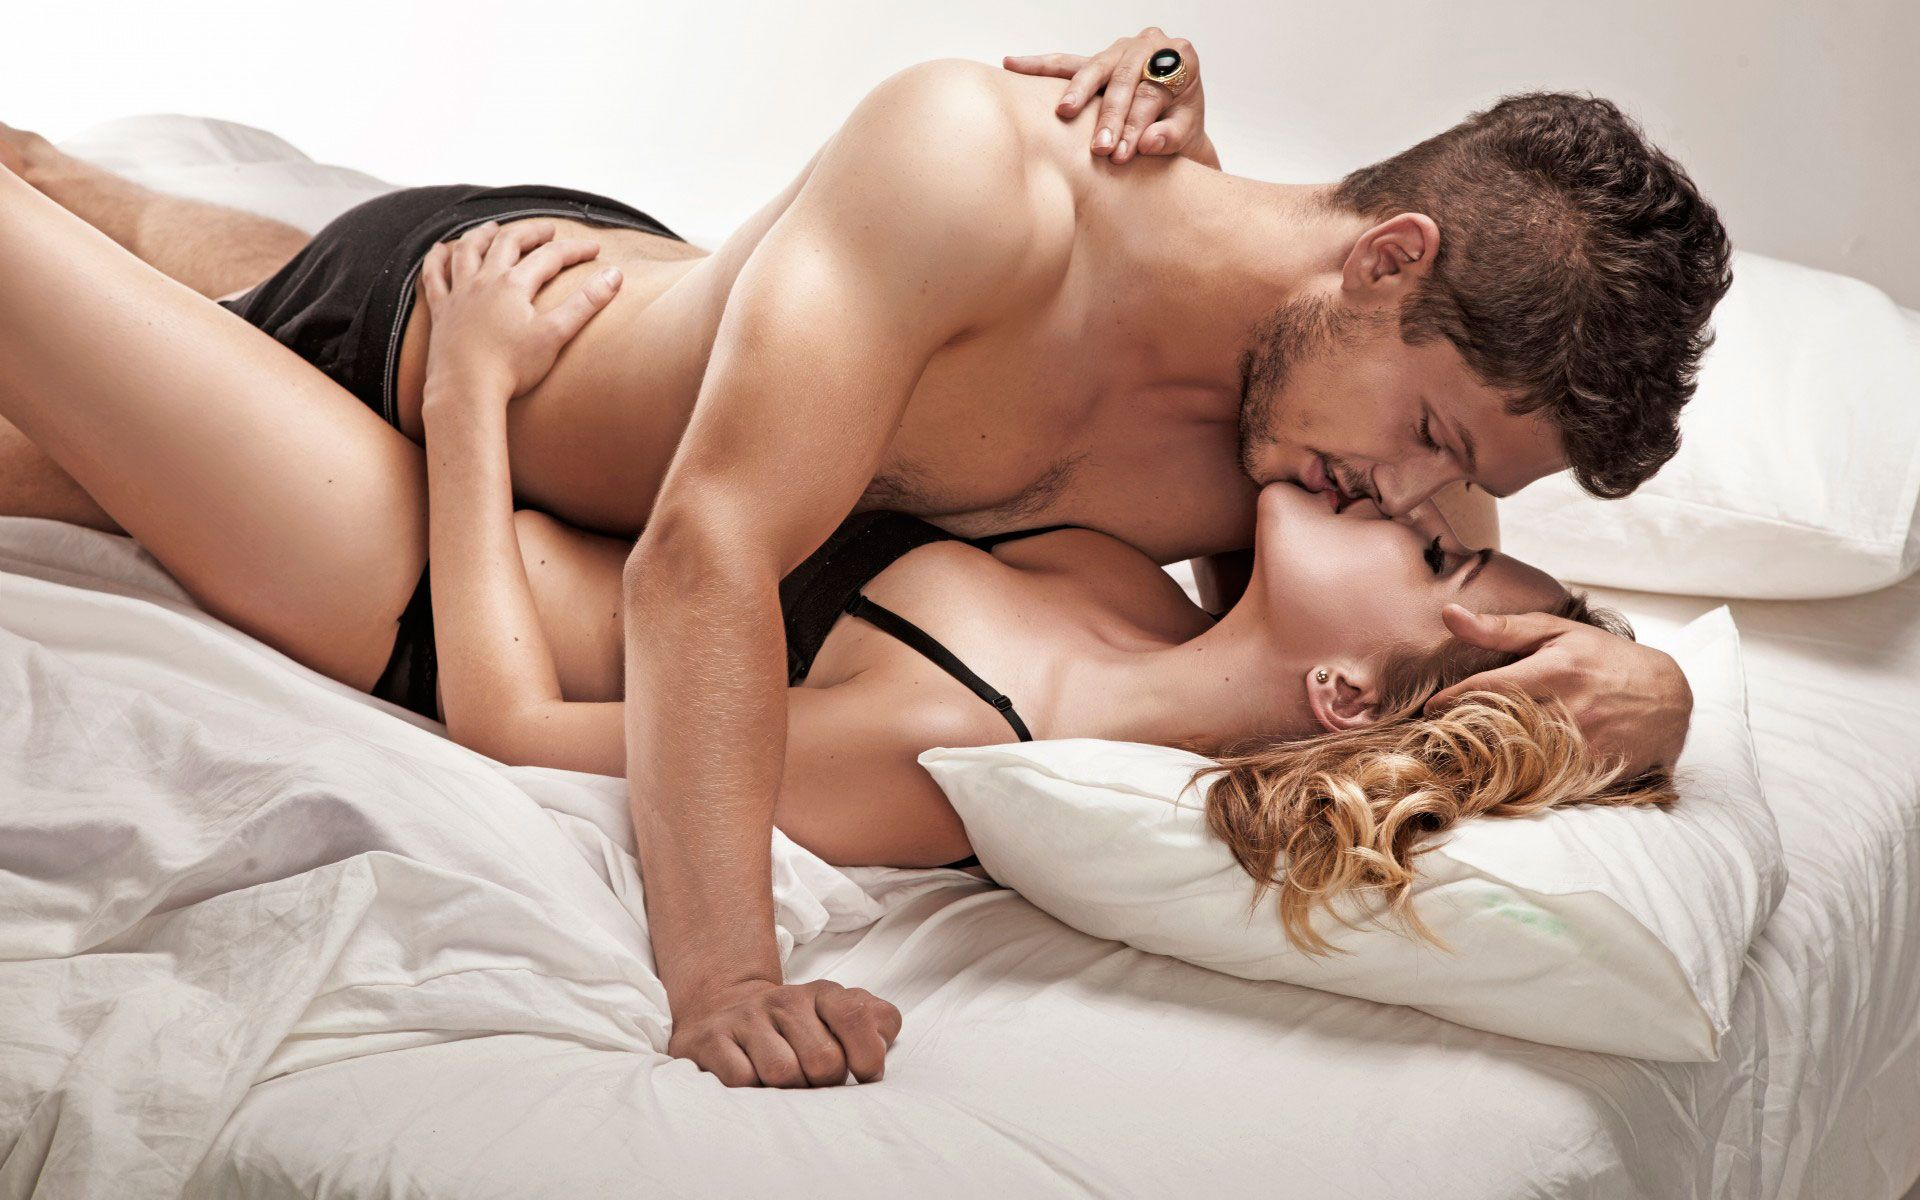 как девчонки пристою сэкси целует прняа што неостонавелевыйца